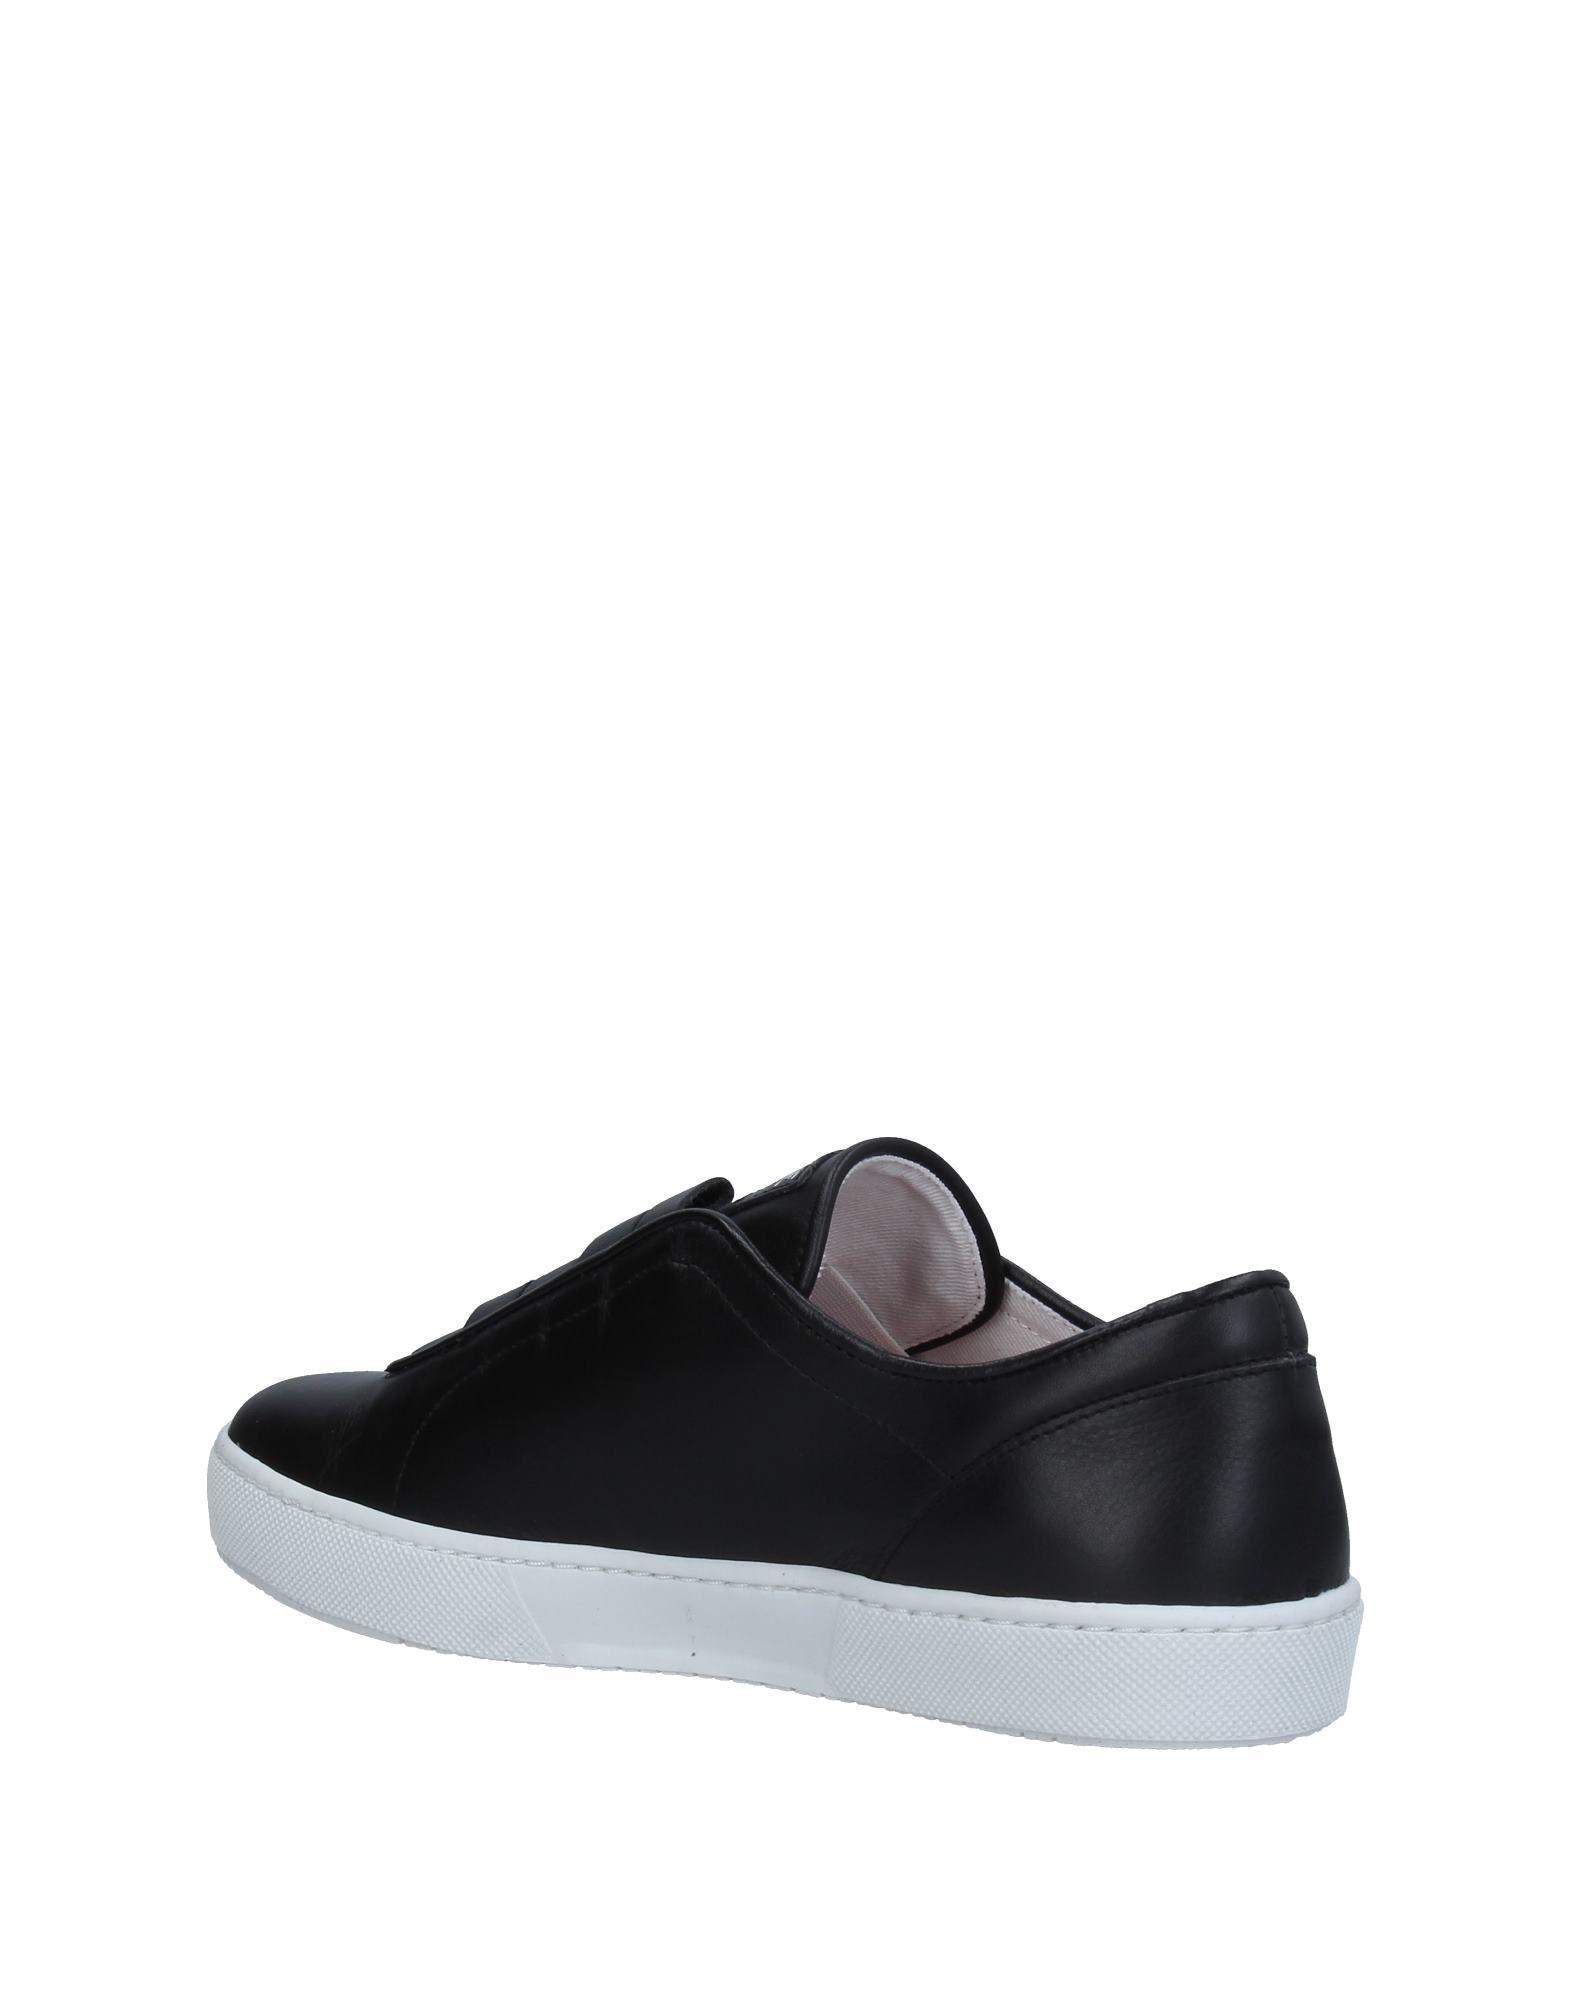 Boutique Moschino Sneakers Damen  Schuhe 11326759IU Neue Schuhe  0a8e3b